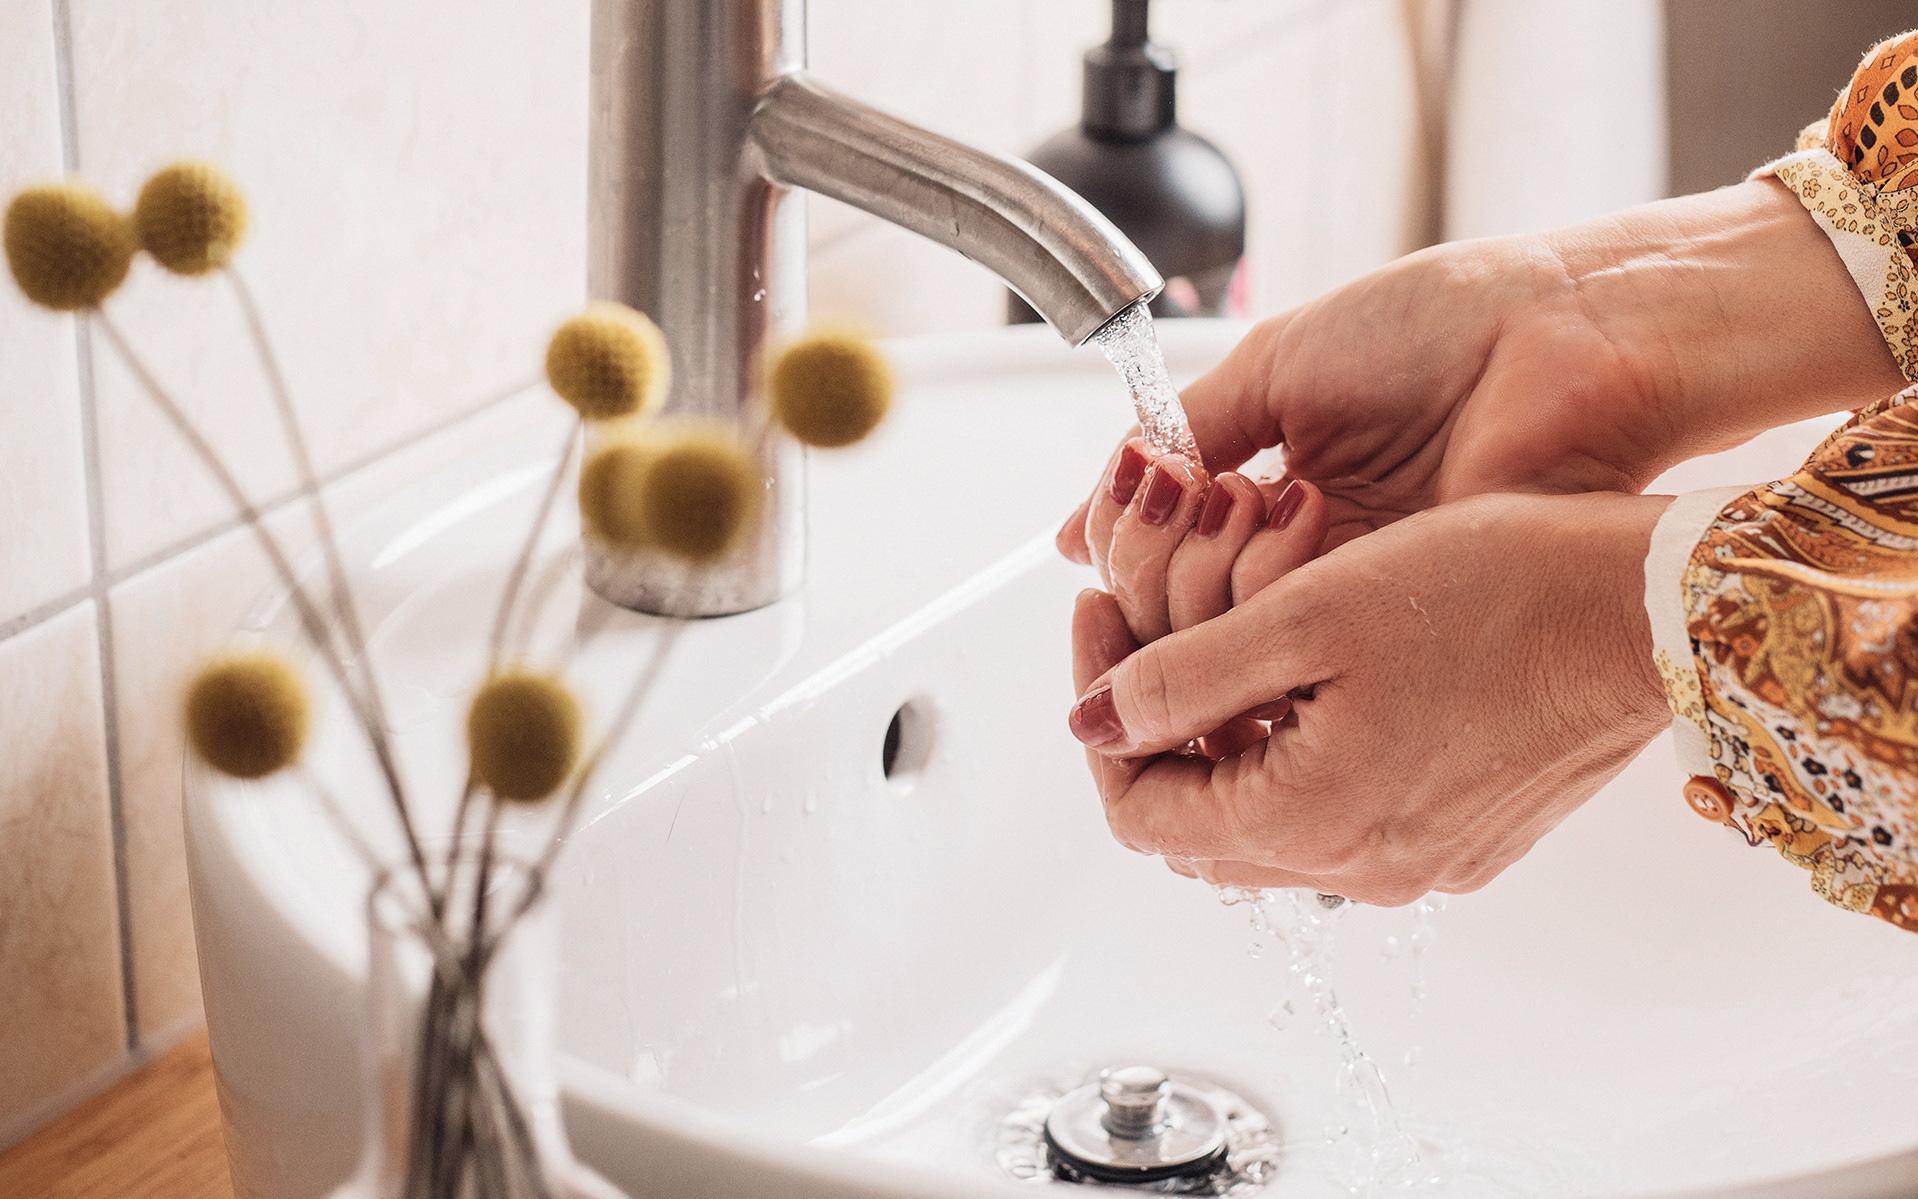 Rửa tay trong mùa dịch Covid-19: 7 cách giữ da tay luôn mịn màng và khỏe đẹp, là phụ nữ lại càng nên học hỏi